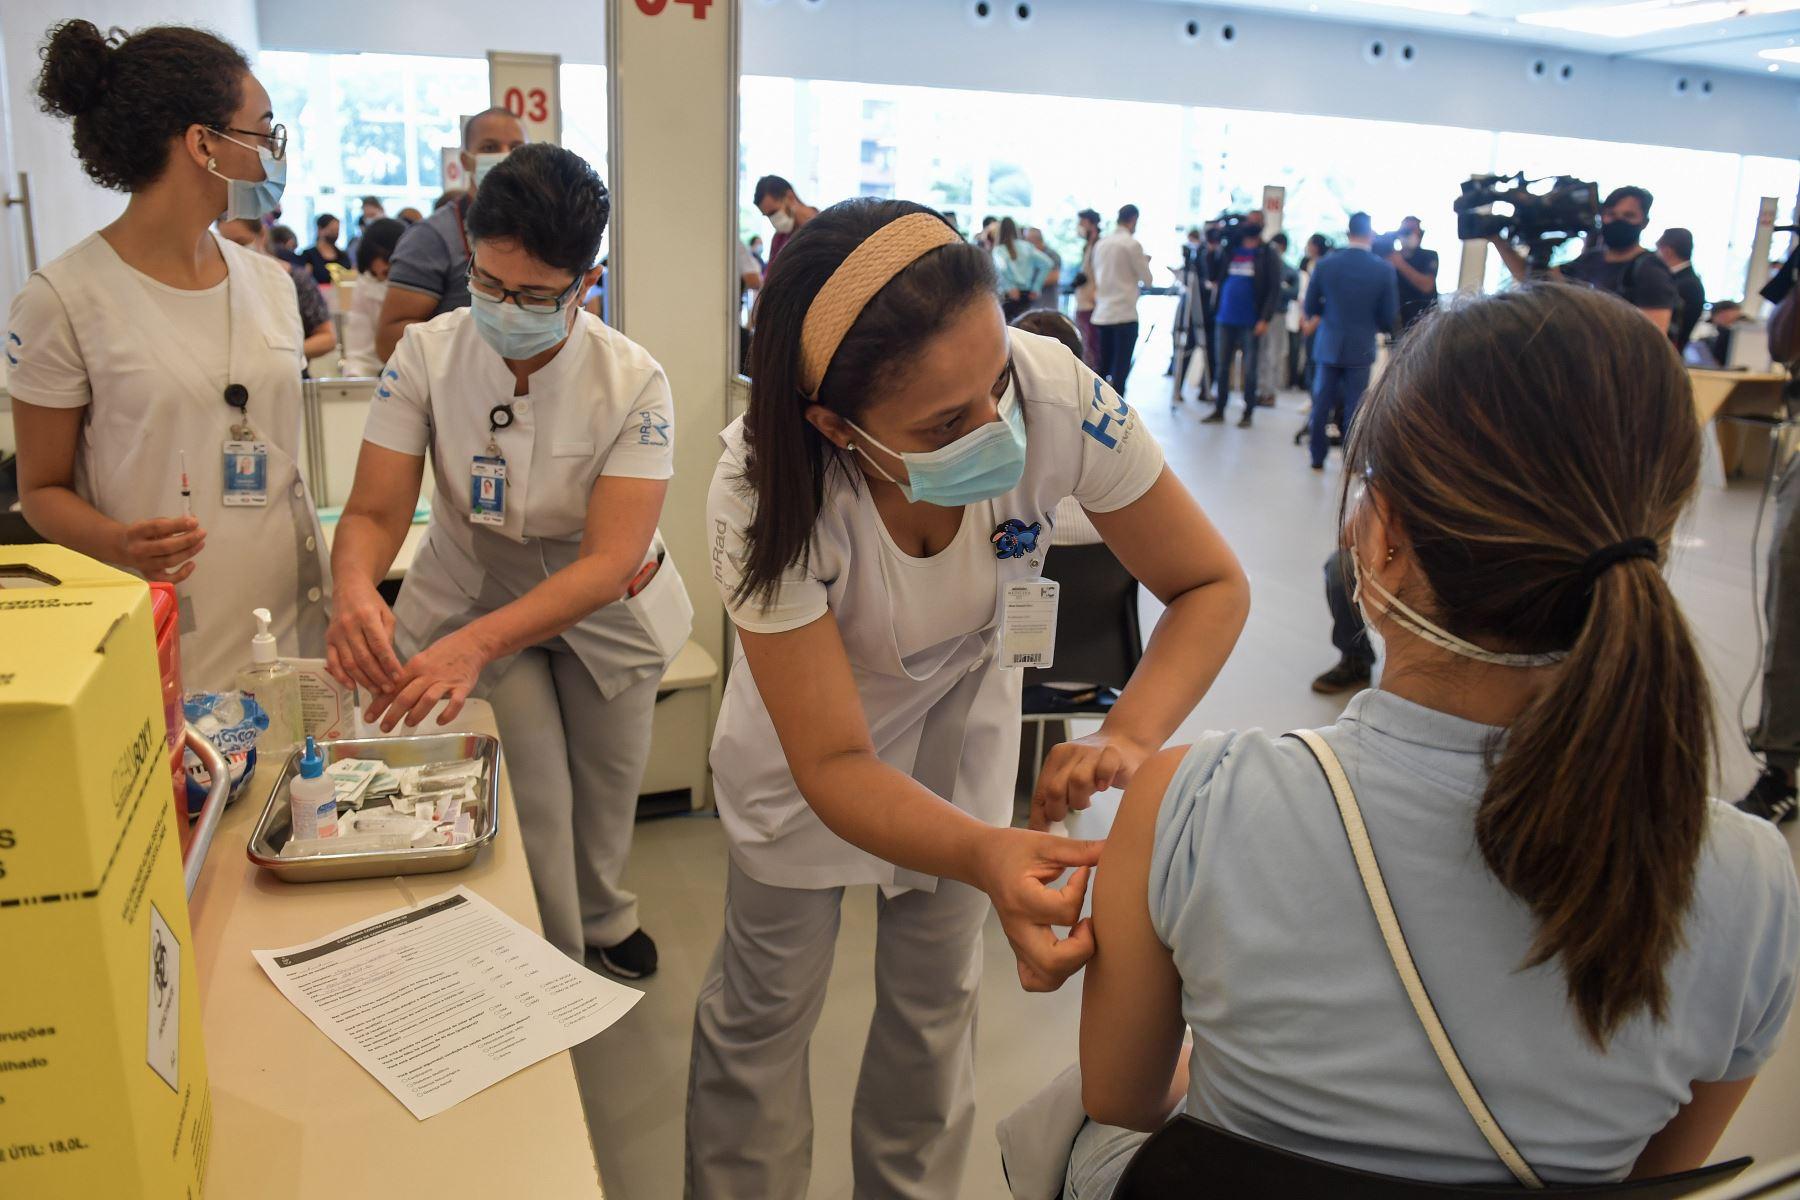 Un trabajador de la salud es inoculado con la vacuna Coronavac contra el nuevo coronavirus, en el Hospital Clínicas de Sao Paulo Brasil. El regulador de salud de Brasil dio luz verde a la vacuna Oxford-Astrazeneca y Coronavac de China.  Foto: AFP